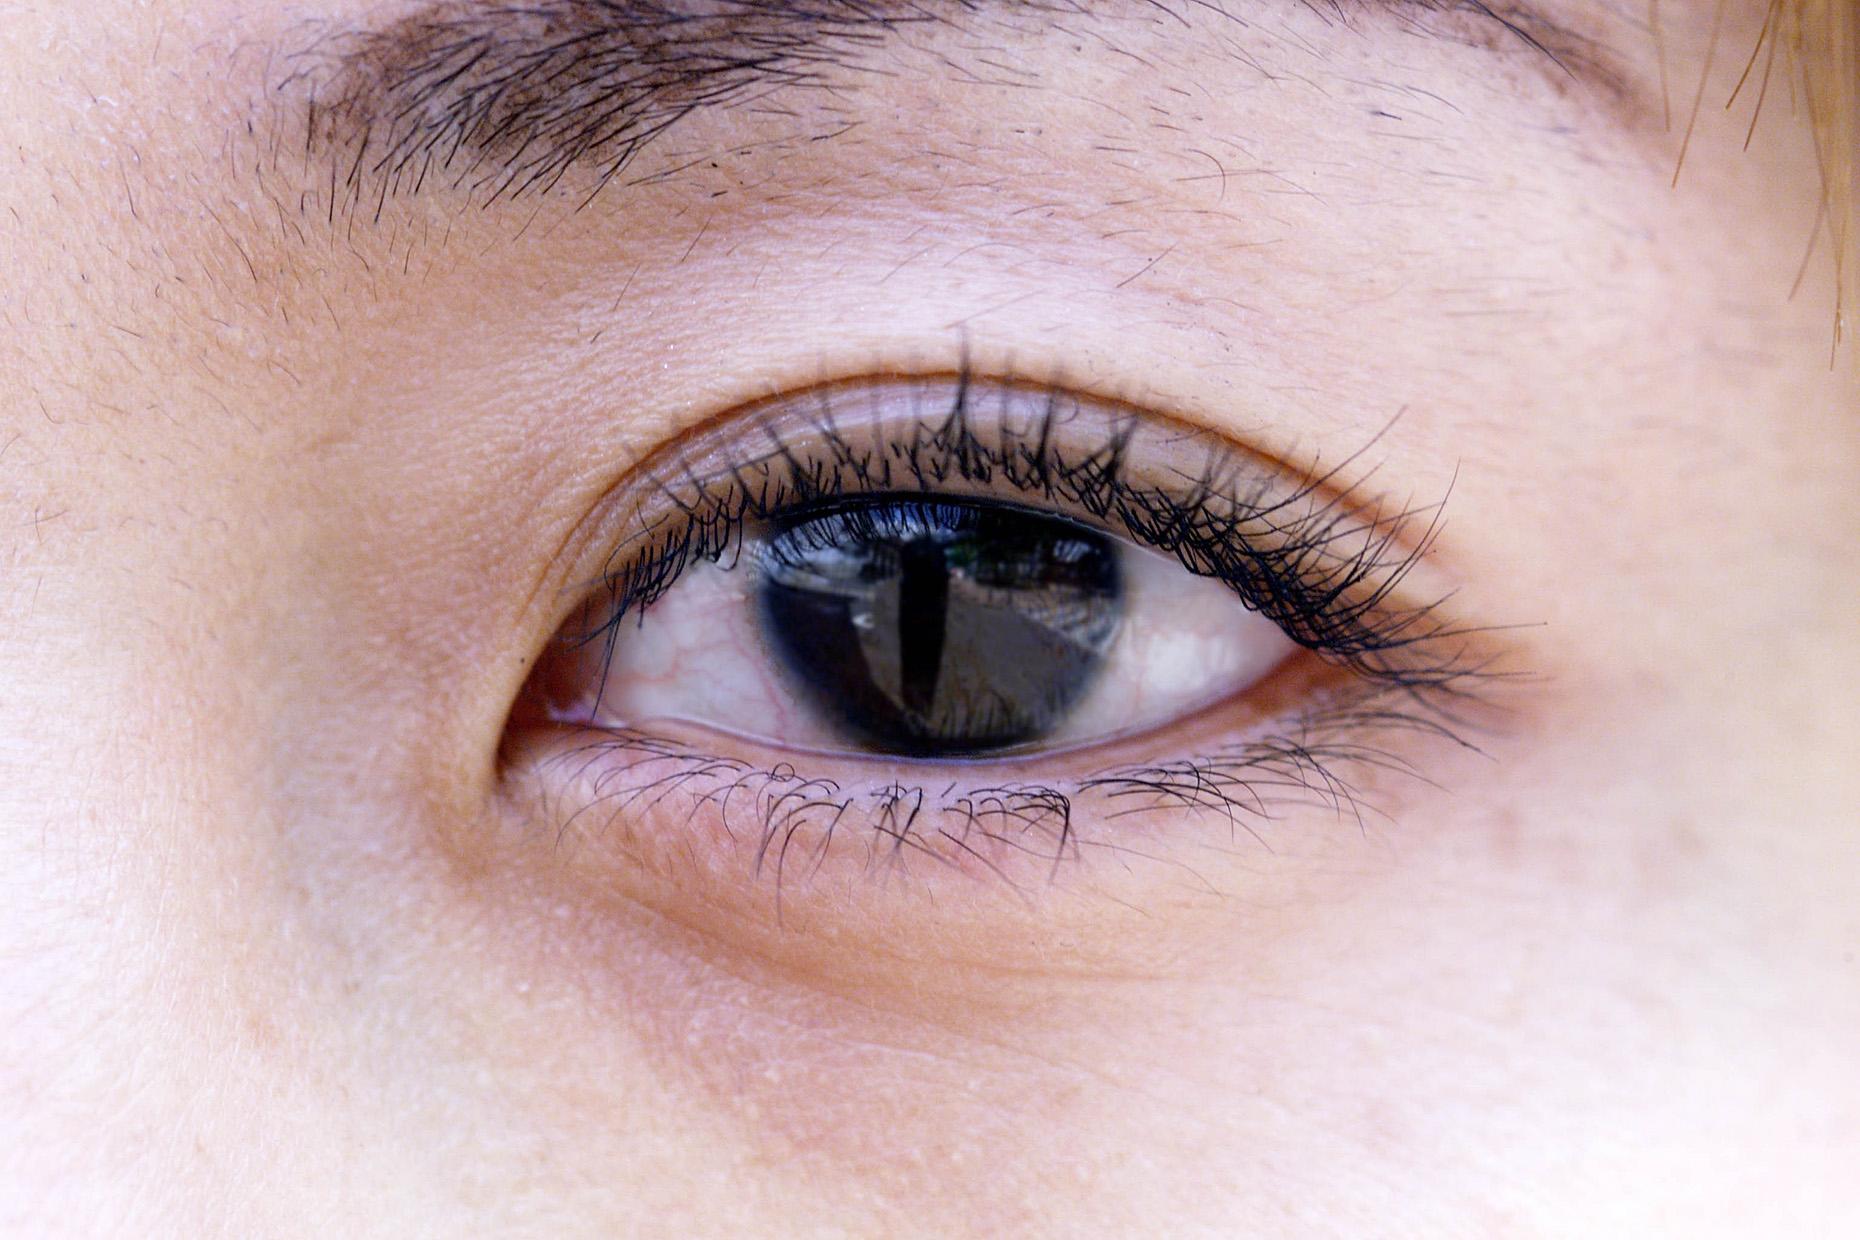 画像 : 緑内障の原因・症状・治療法まとめ - NAVER まとめ